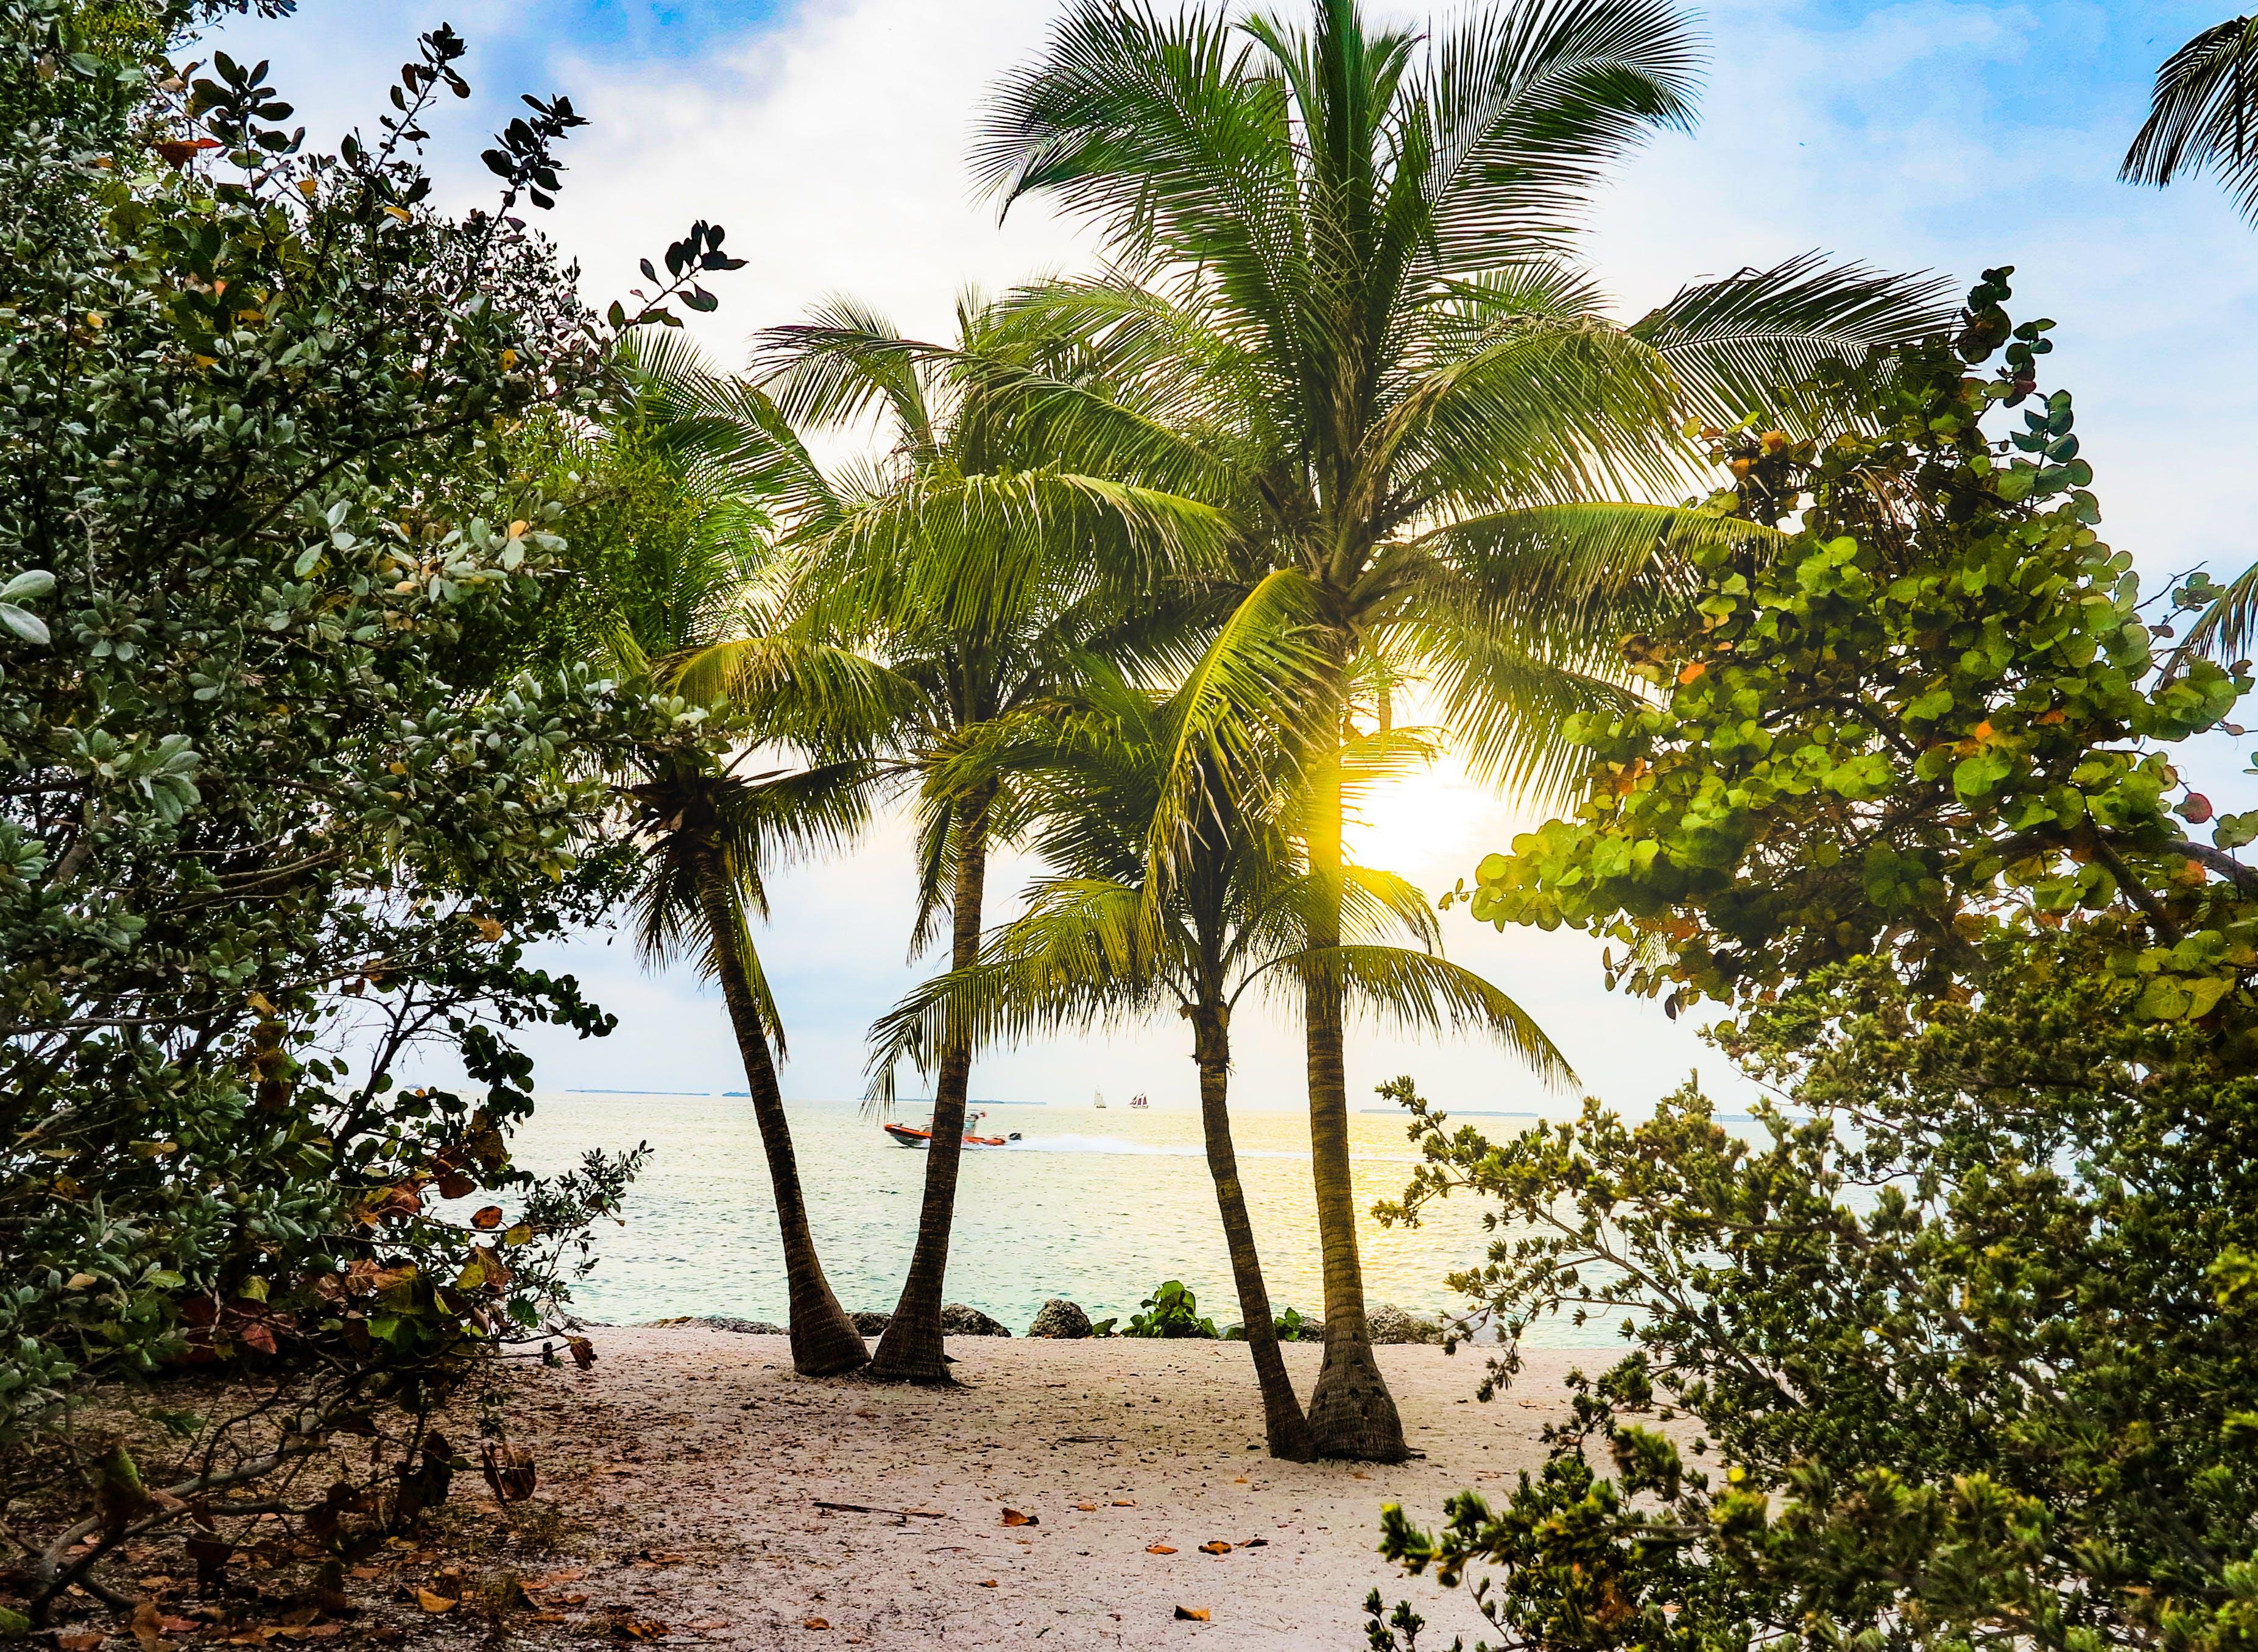 리조트, 모래, 물, 미국의 무료 스톡 사진